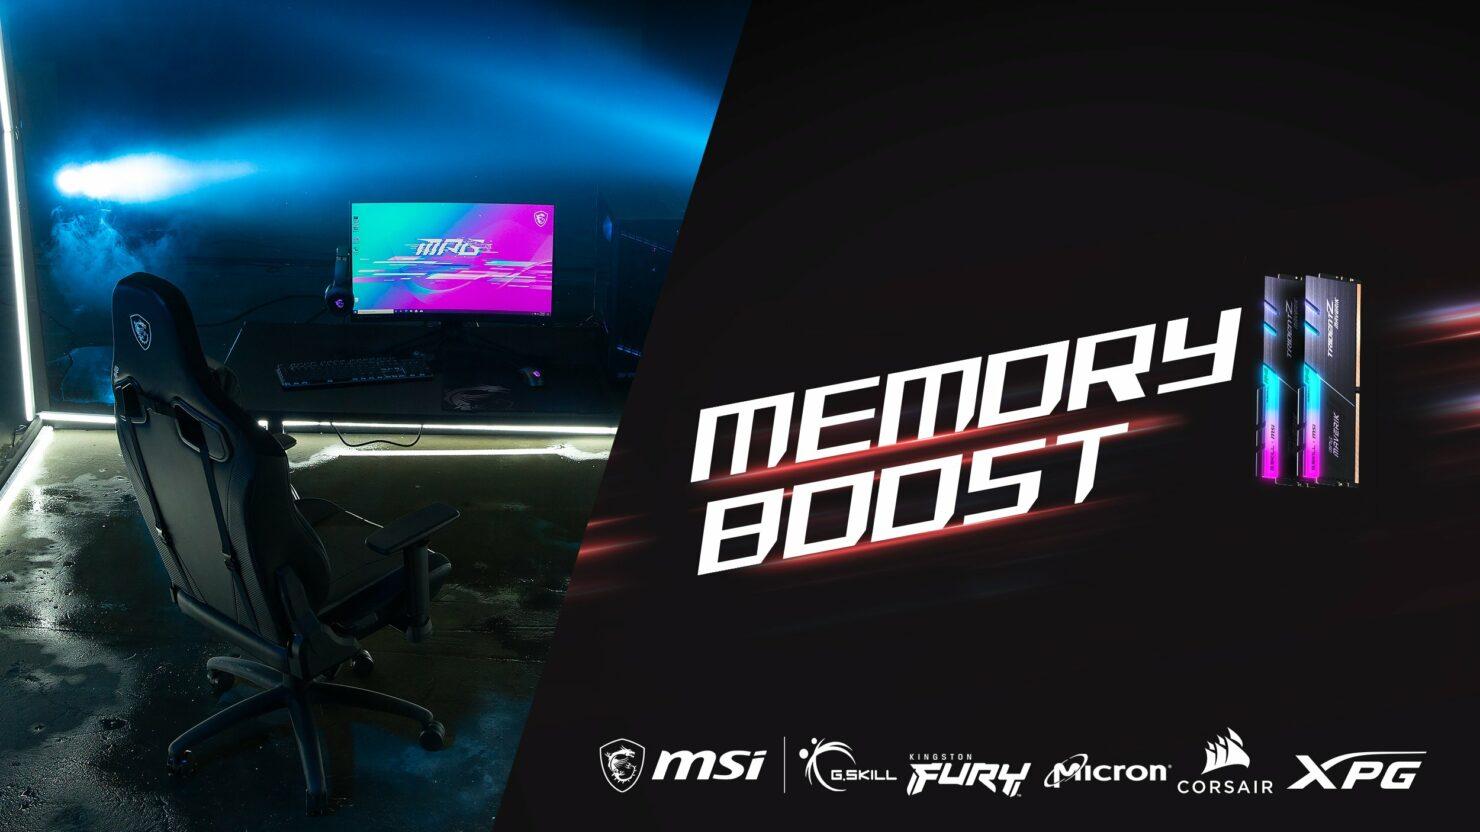 MSI обещает обеспечить максимальную частоту и совместимость для памяти DDR5 с технологией Memory Boost